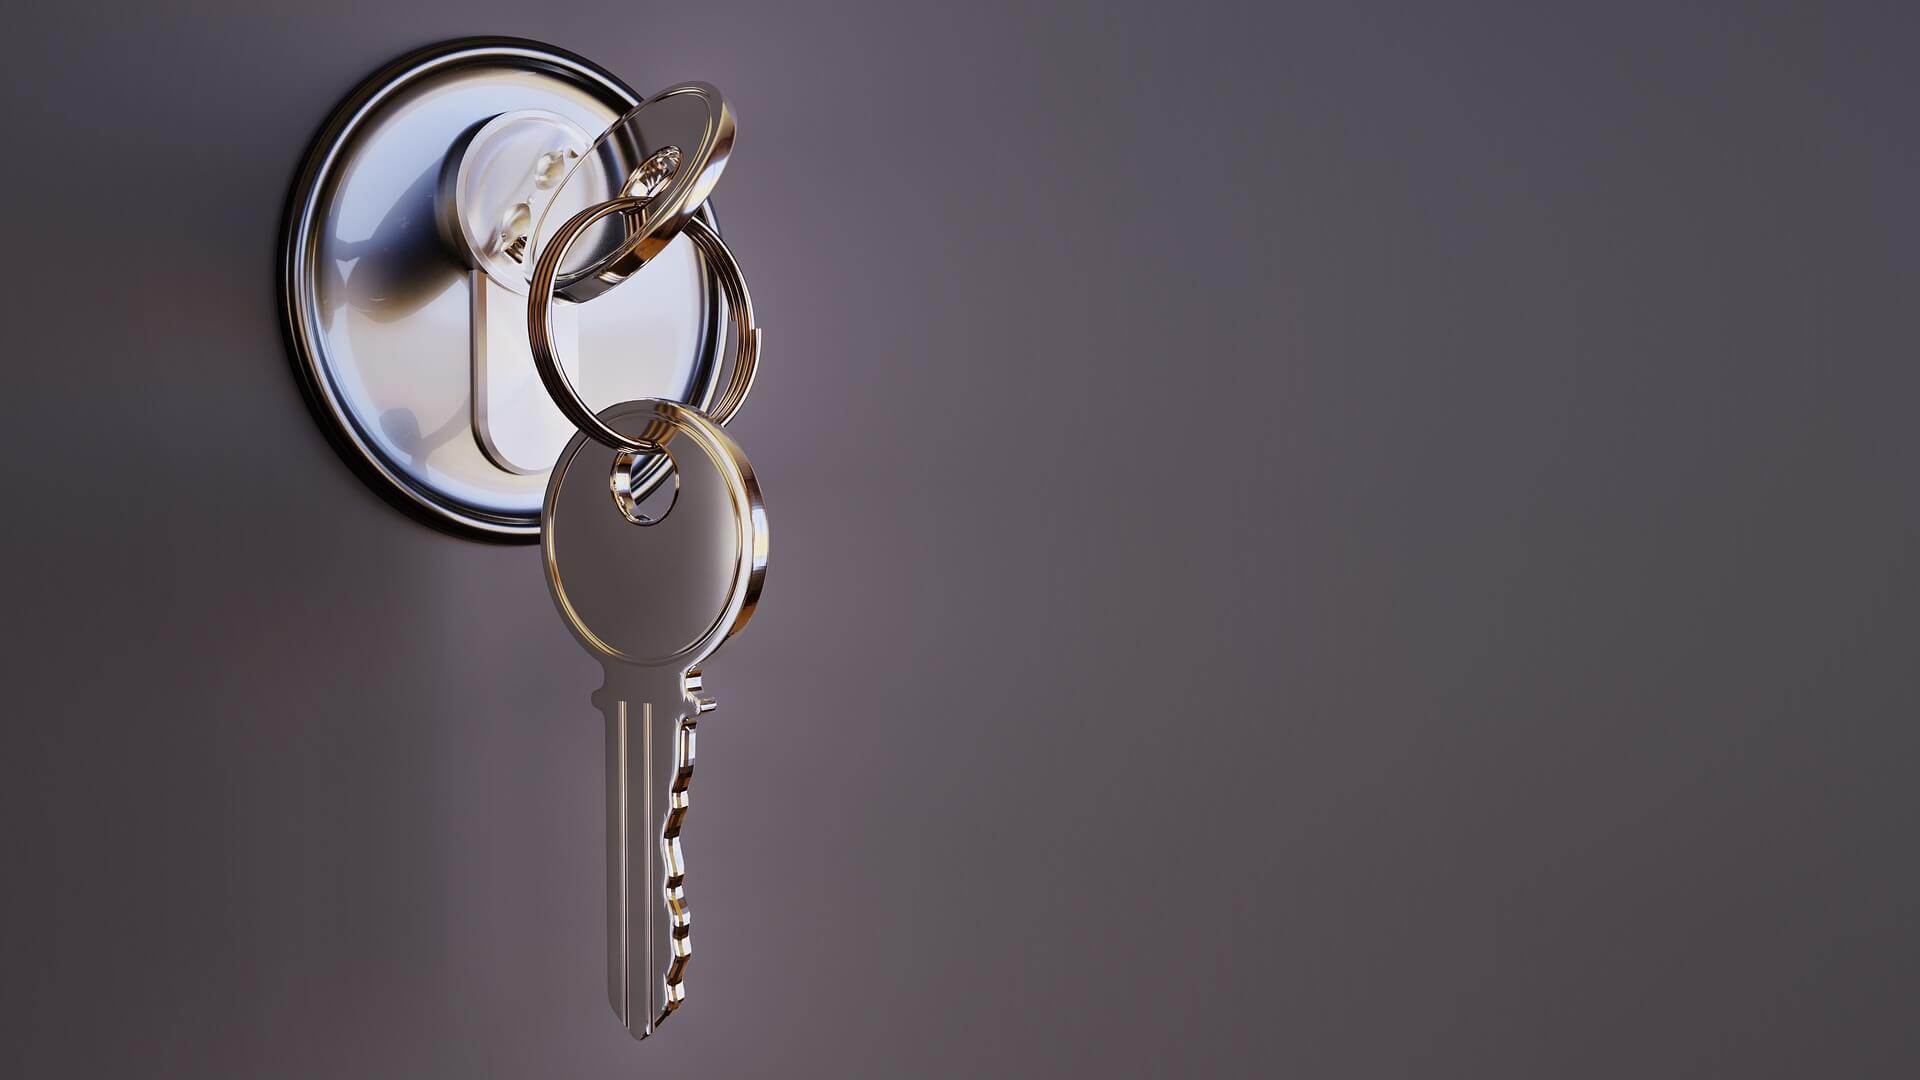 Je huis beveiligen is erg belangrijk